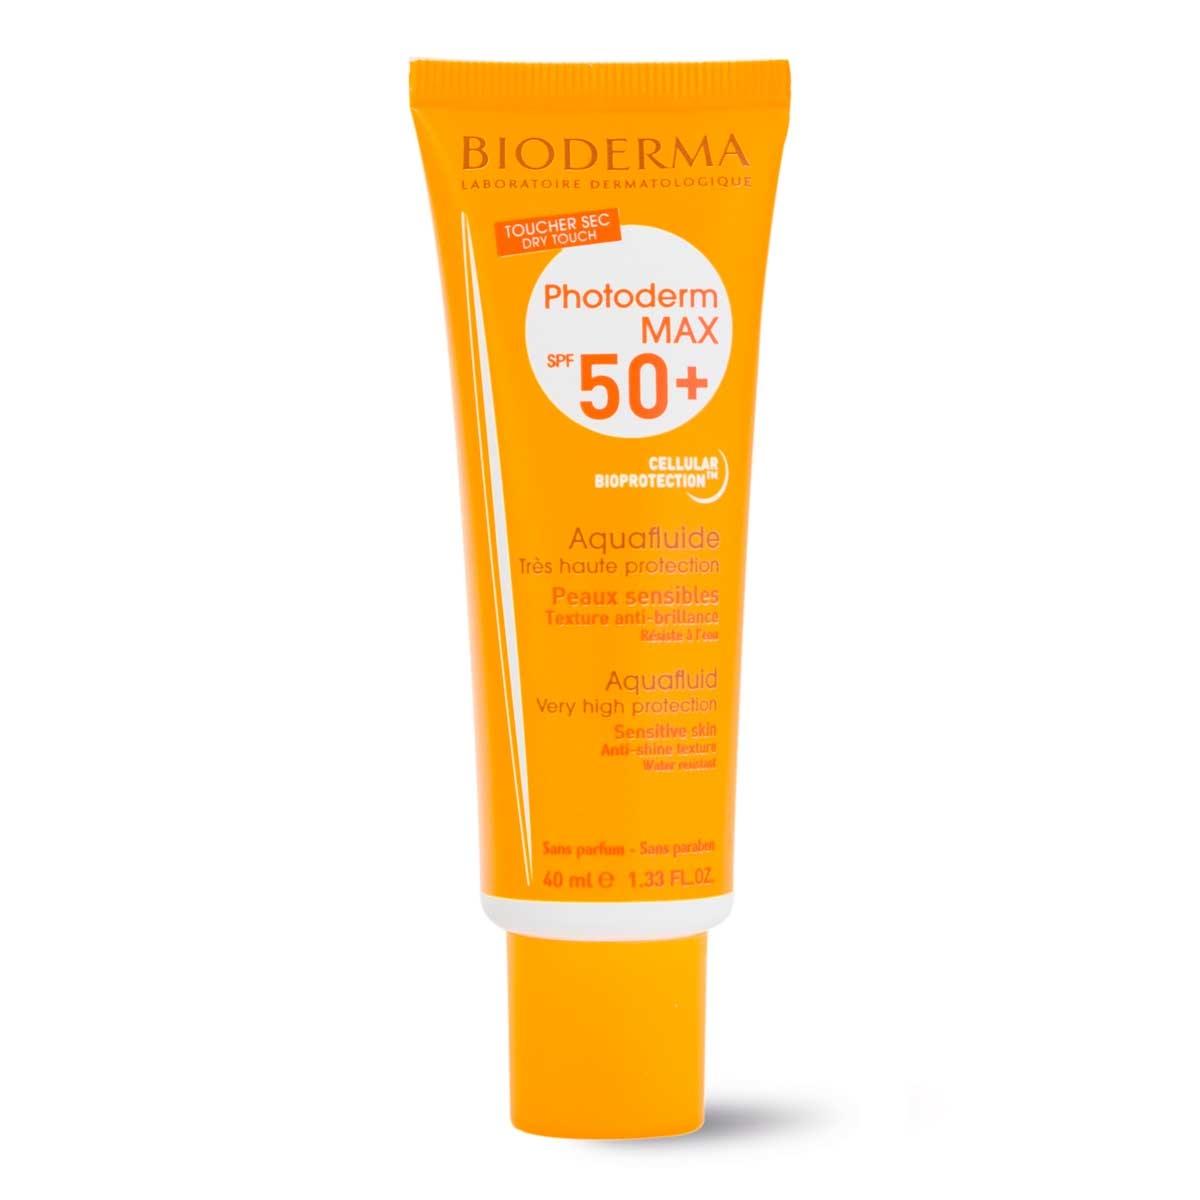 Protetor Solar Facial Bioderma Photoderm Max Aquafluide Sem Cor FPS50+ com 40ml 40ml